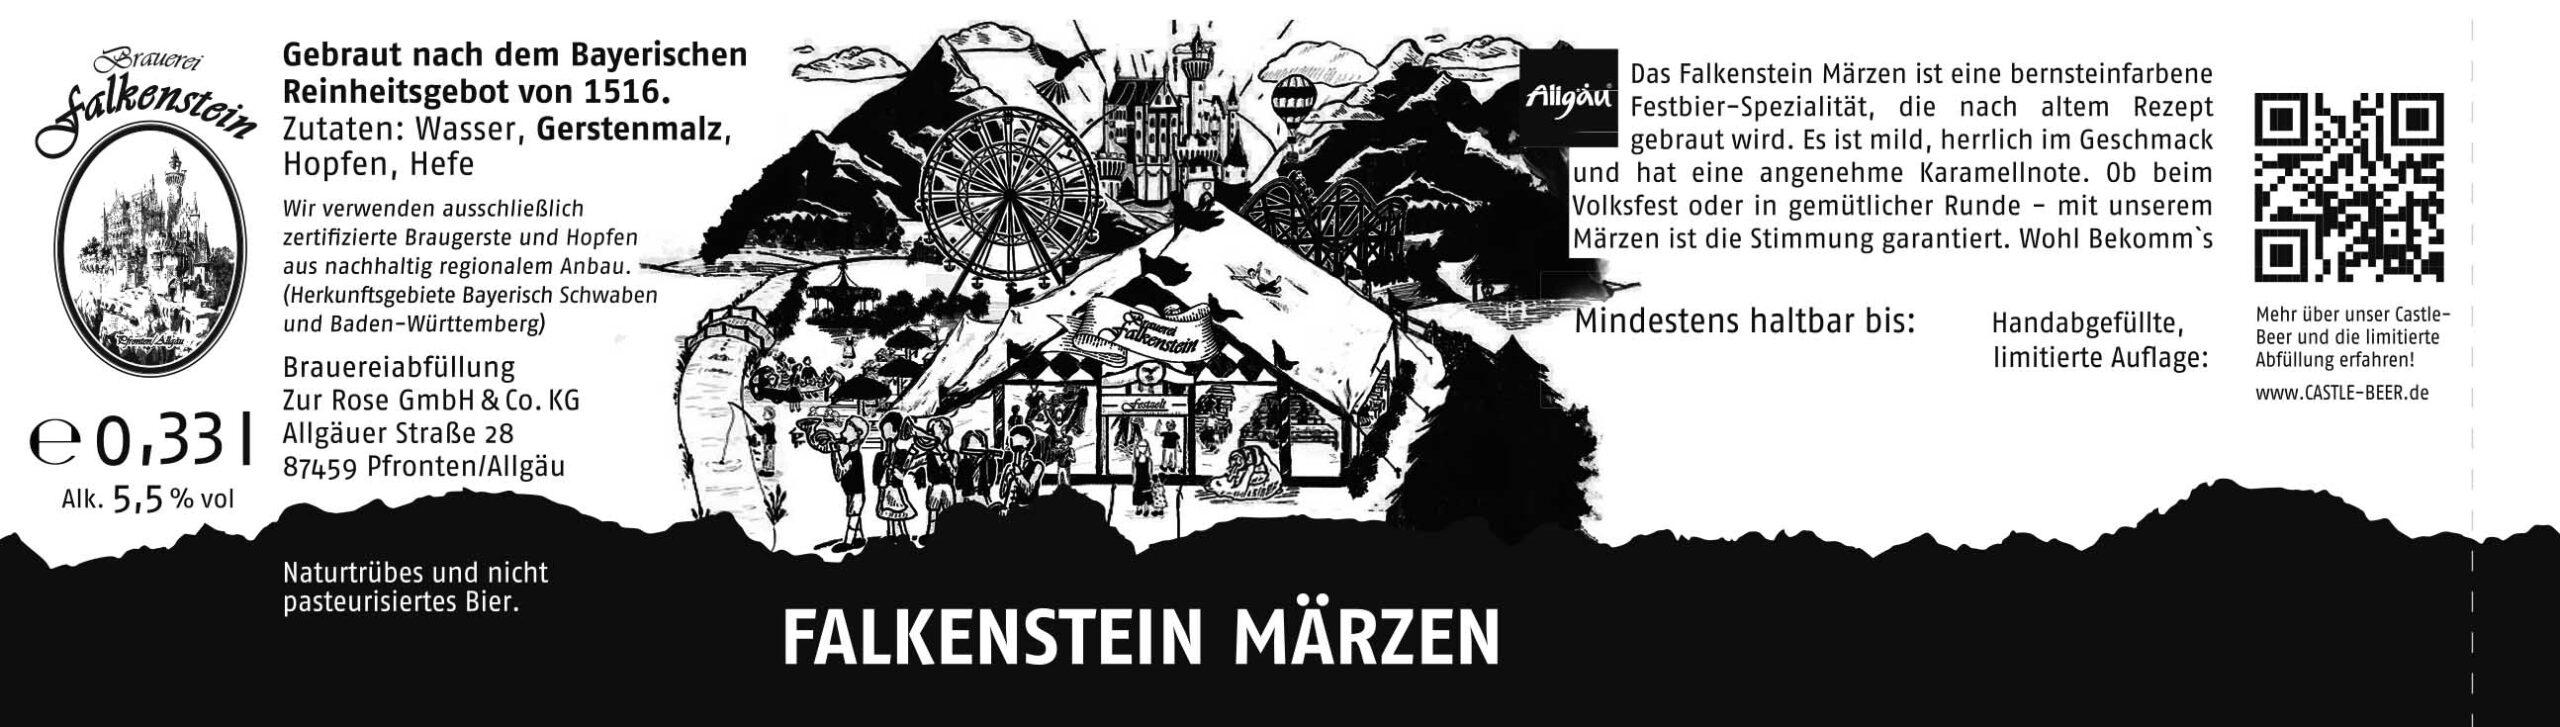 Falkenstein Märzen 033l - Bild